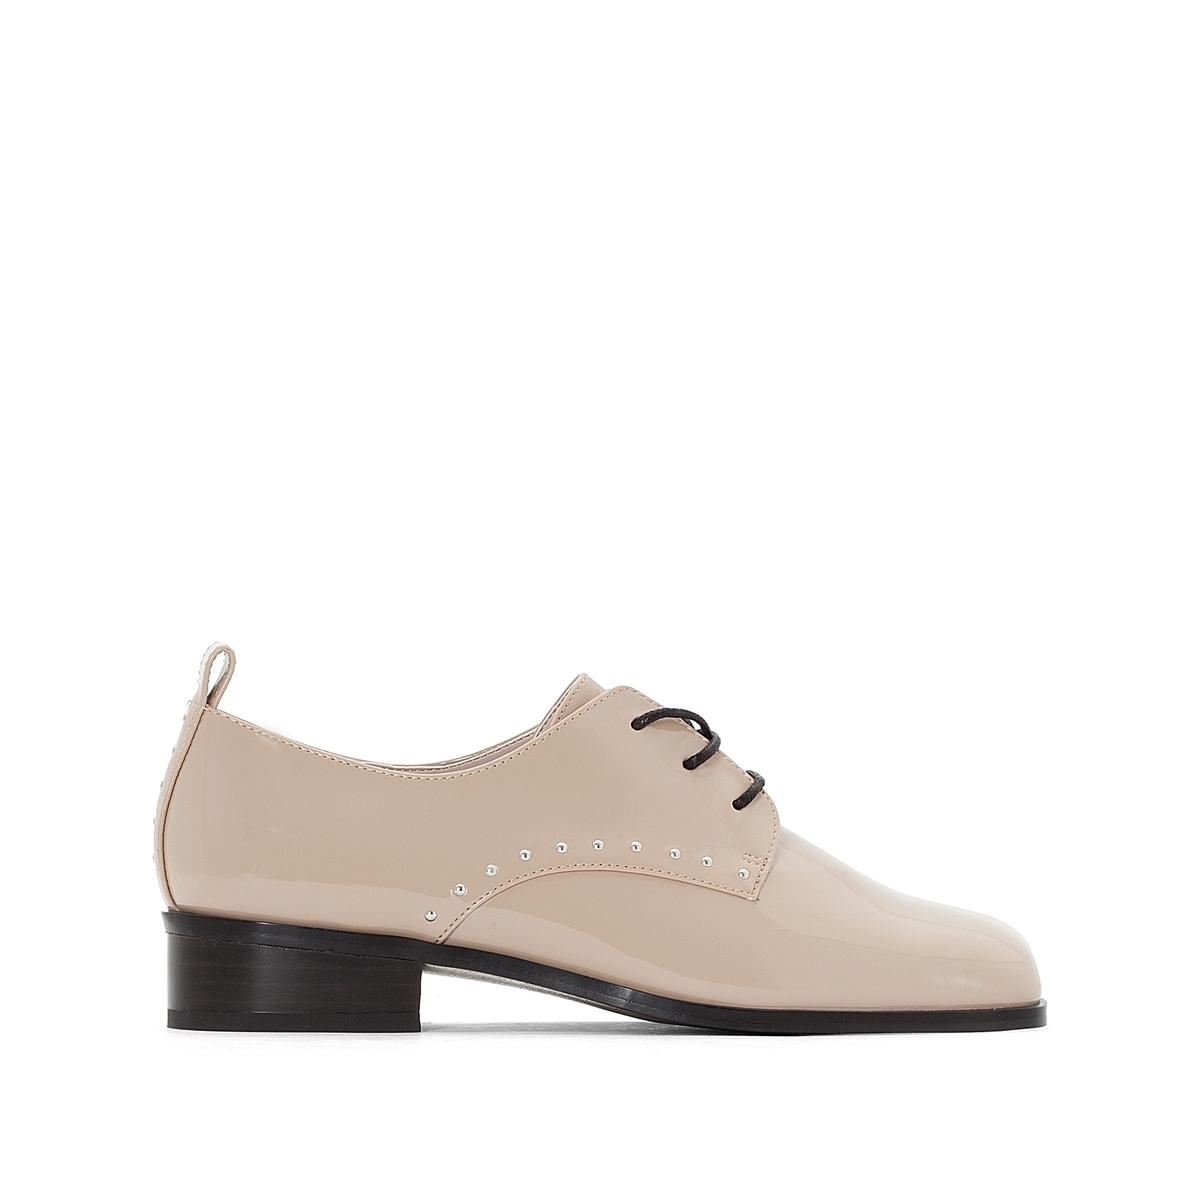 Ботинки-дерби с заклепками ботинки дерби синтетические